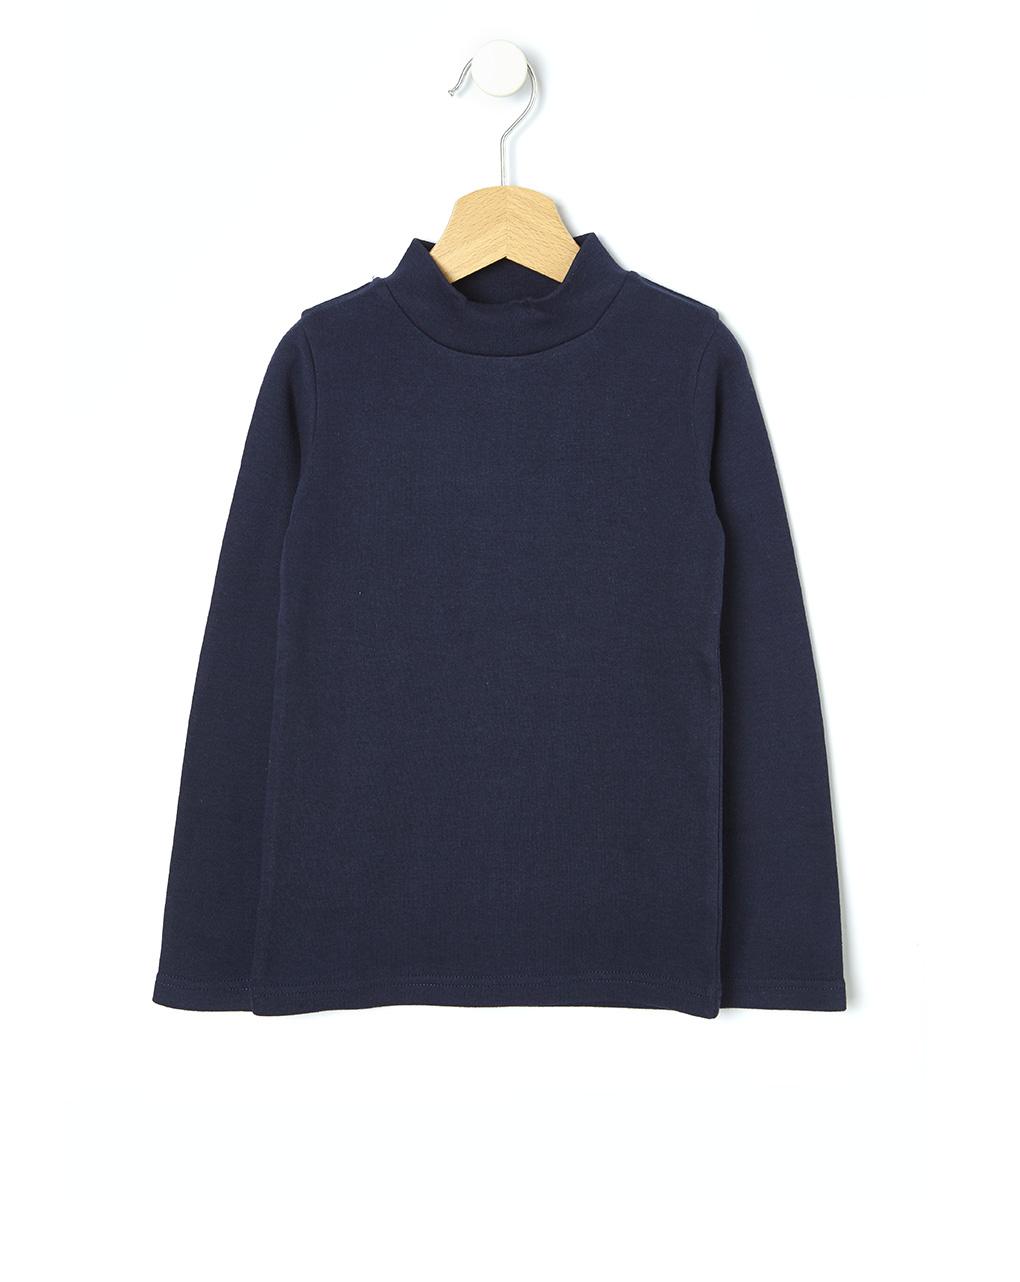 Μπλουζάκι basic με ψηλό γιακά μονόχρωμο